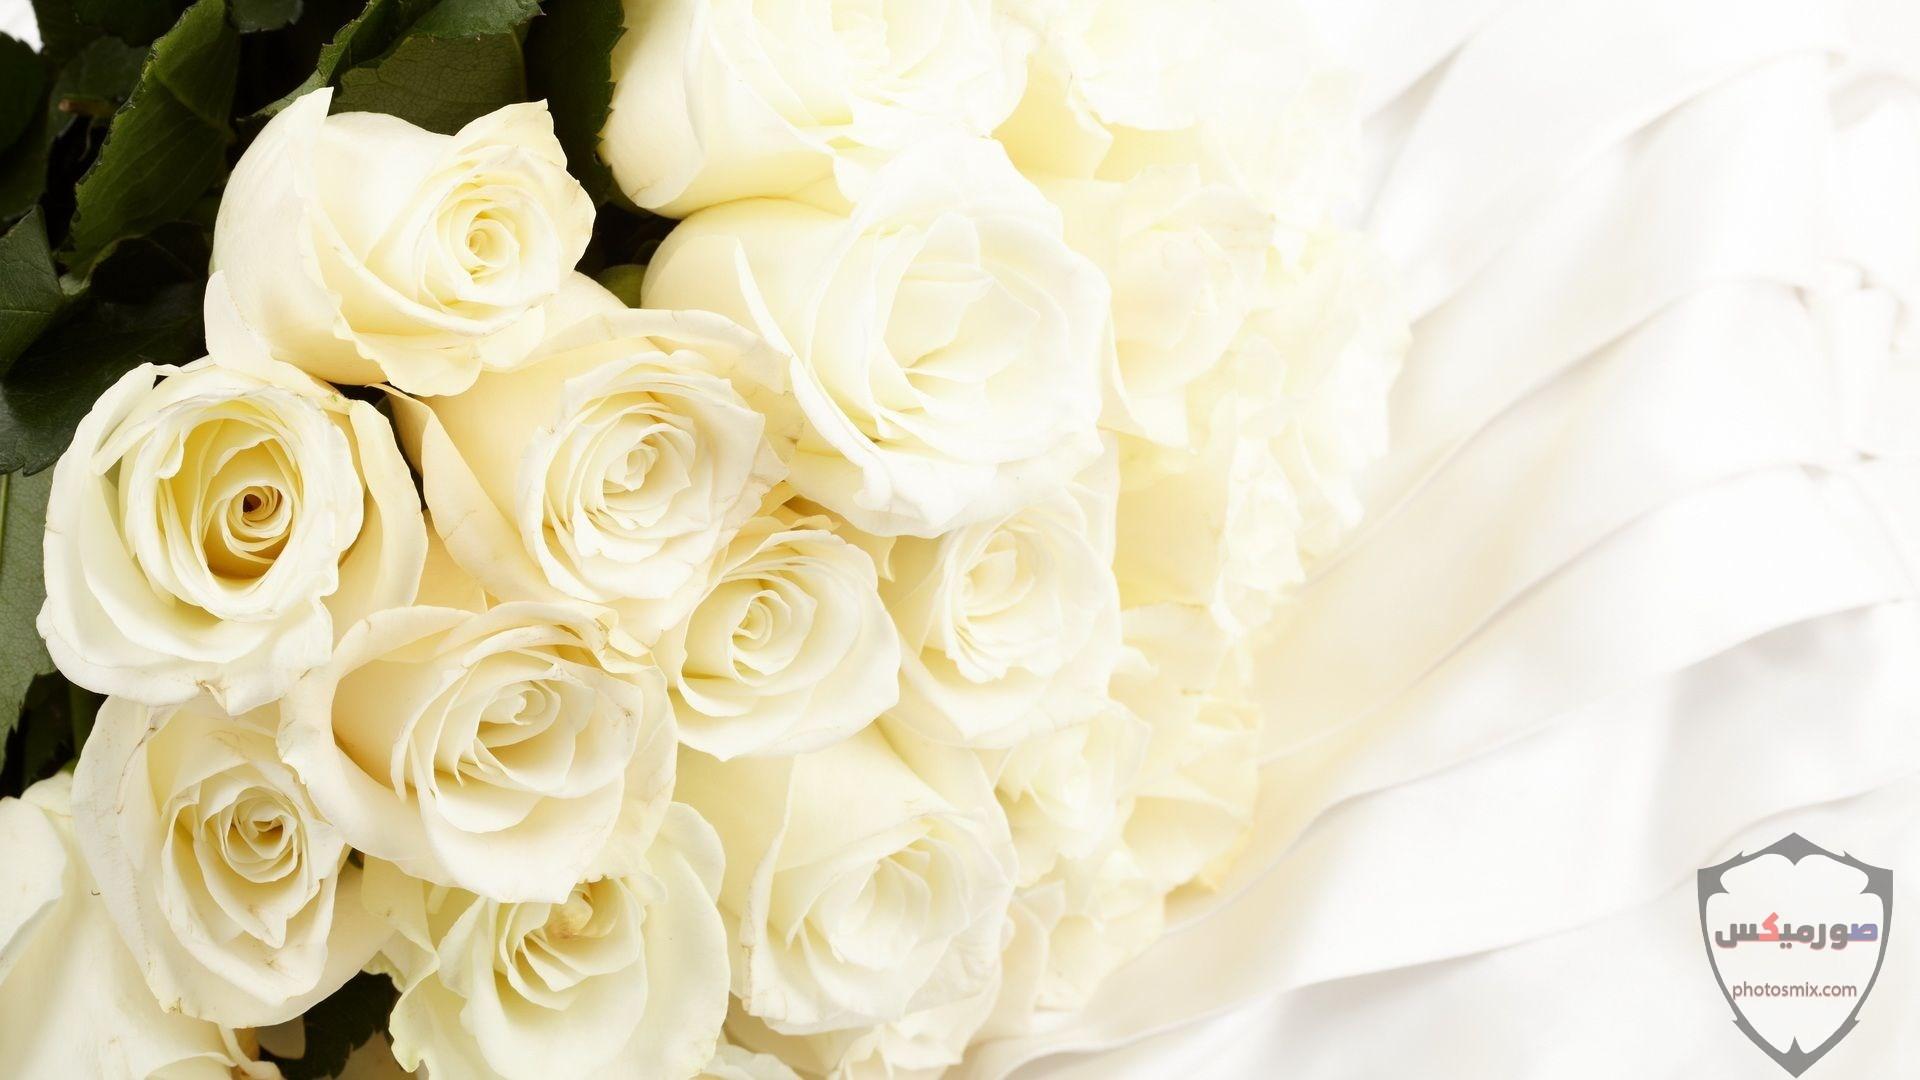 خواطر رائعة عن الورود 7